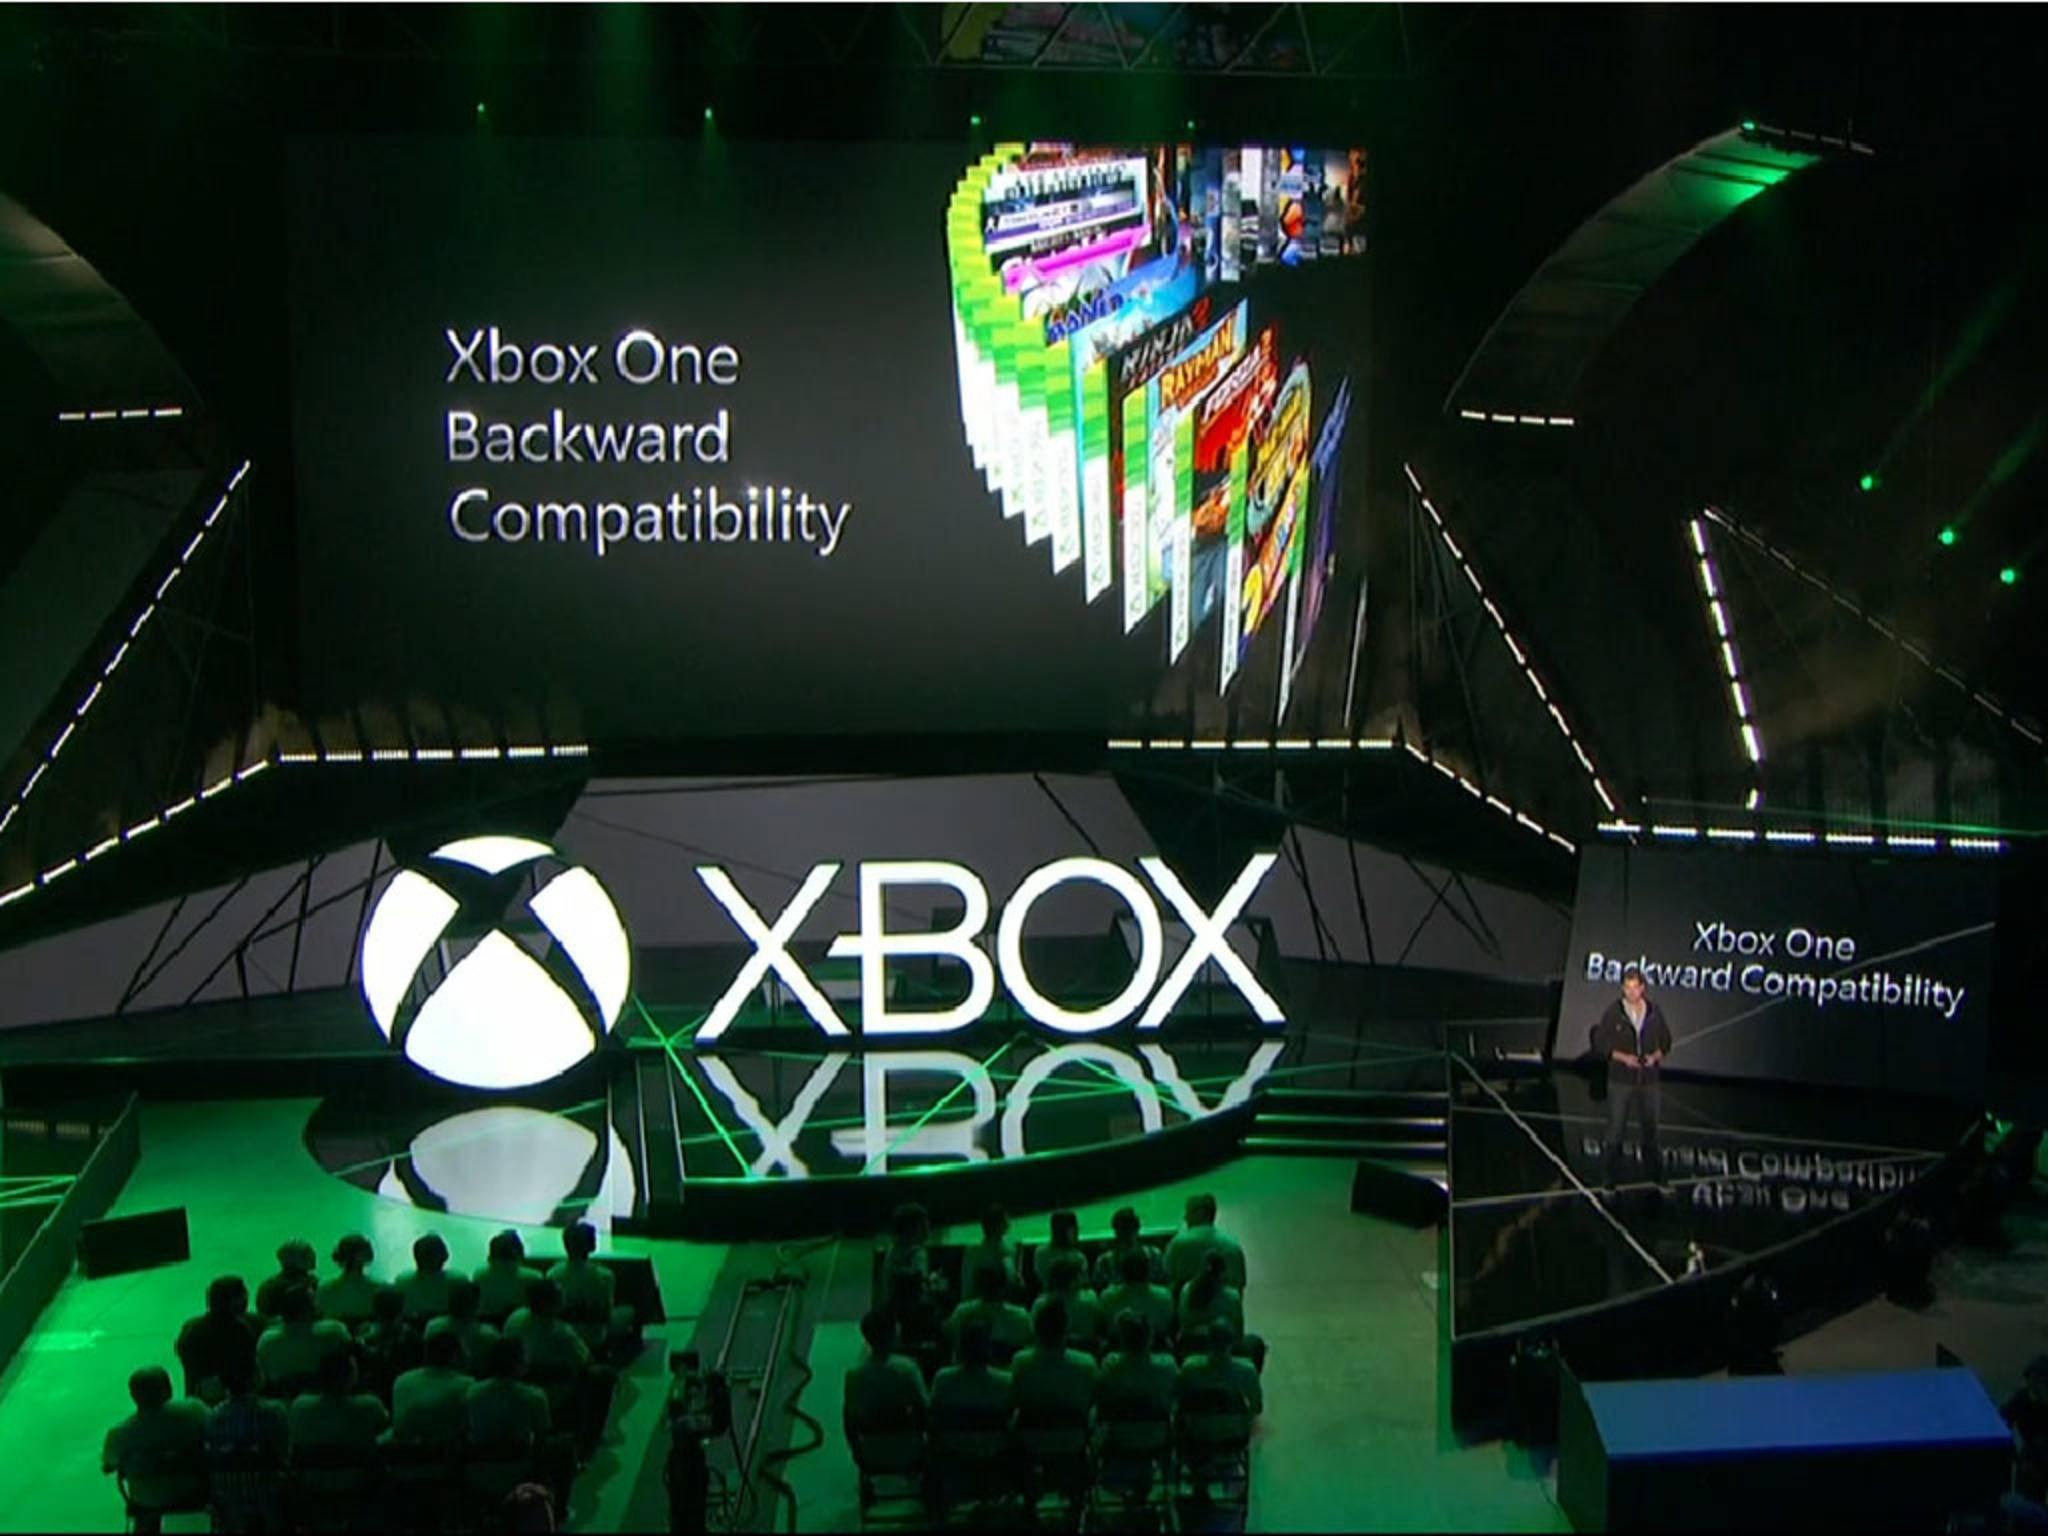 Der Termin steht: Die Xbox One wird ab 12. November abwärtskompatibel.